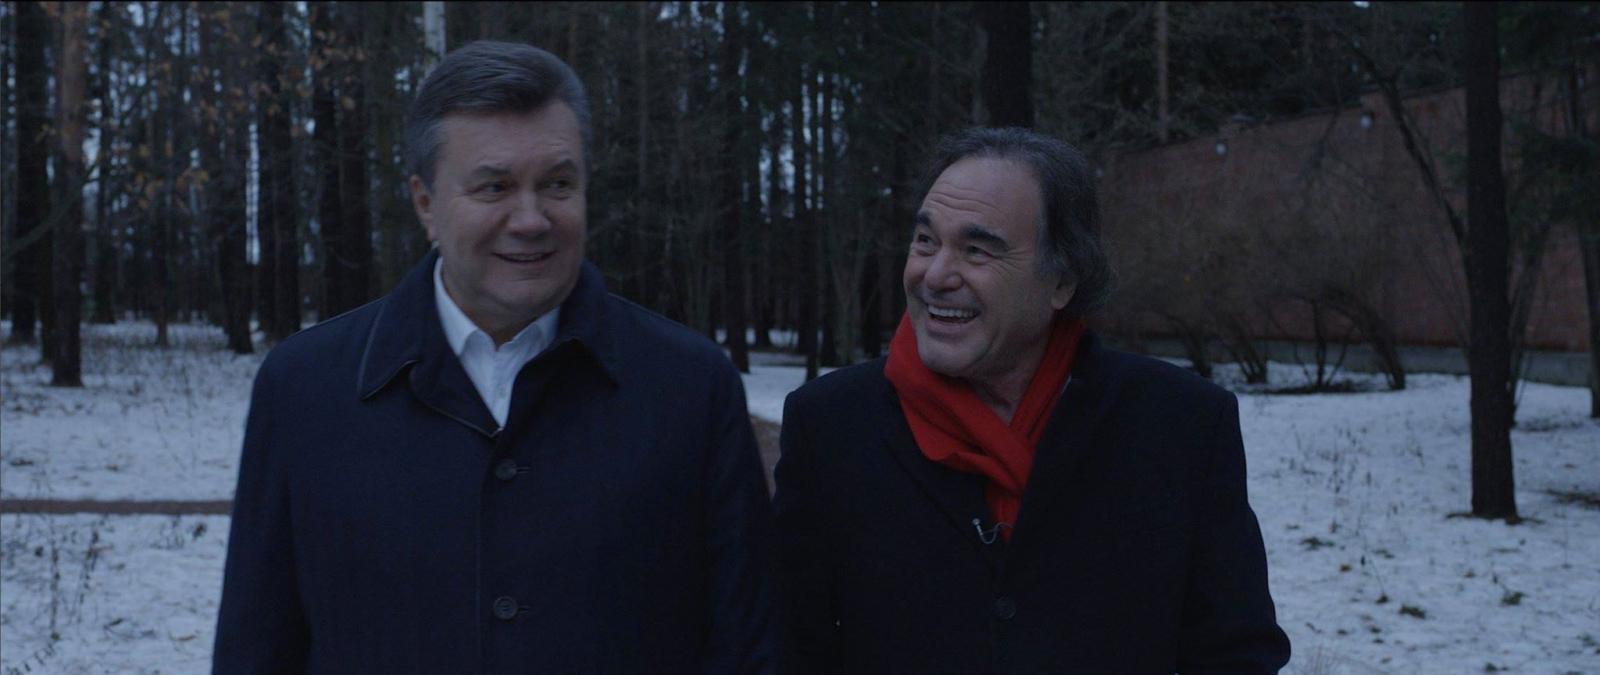 Viktor Yanukovych and Oliver Stone